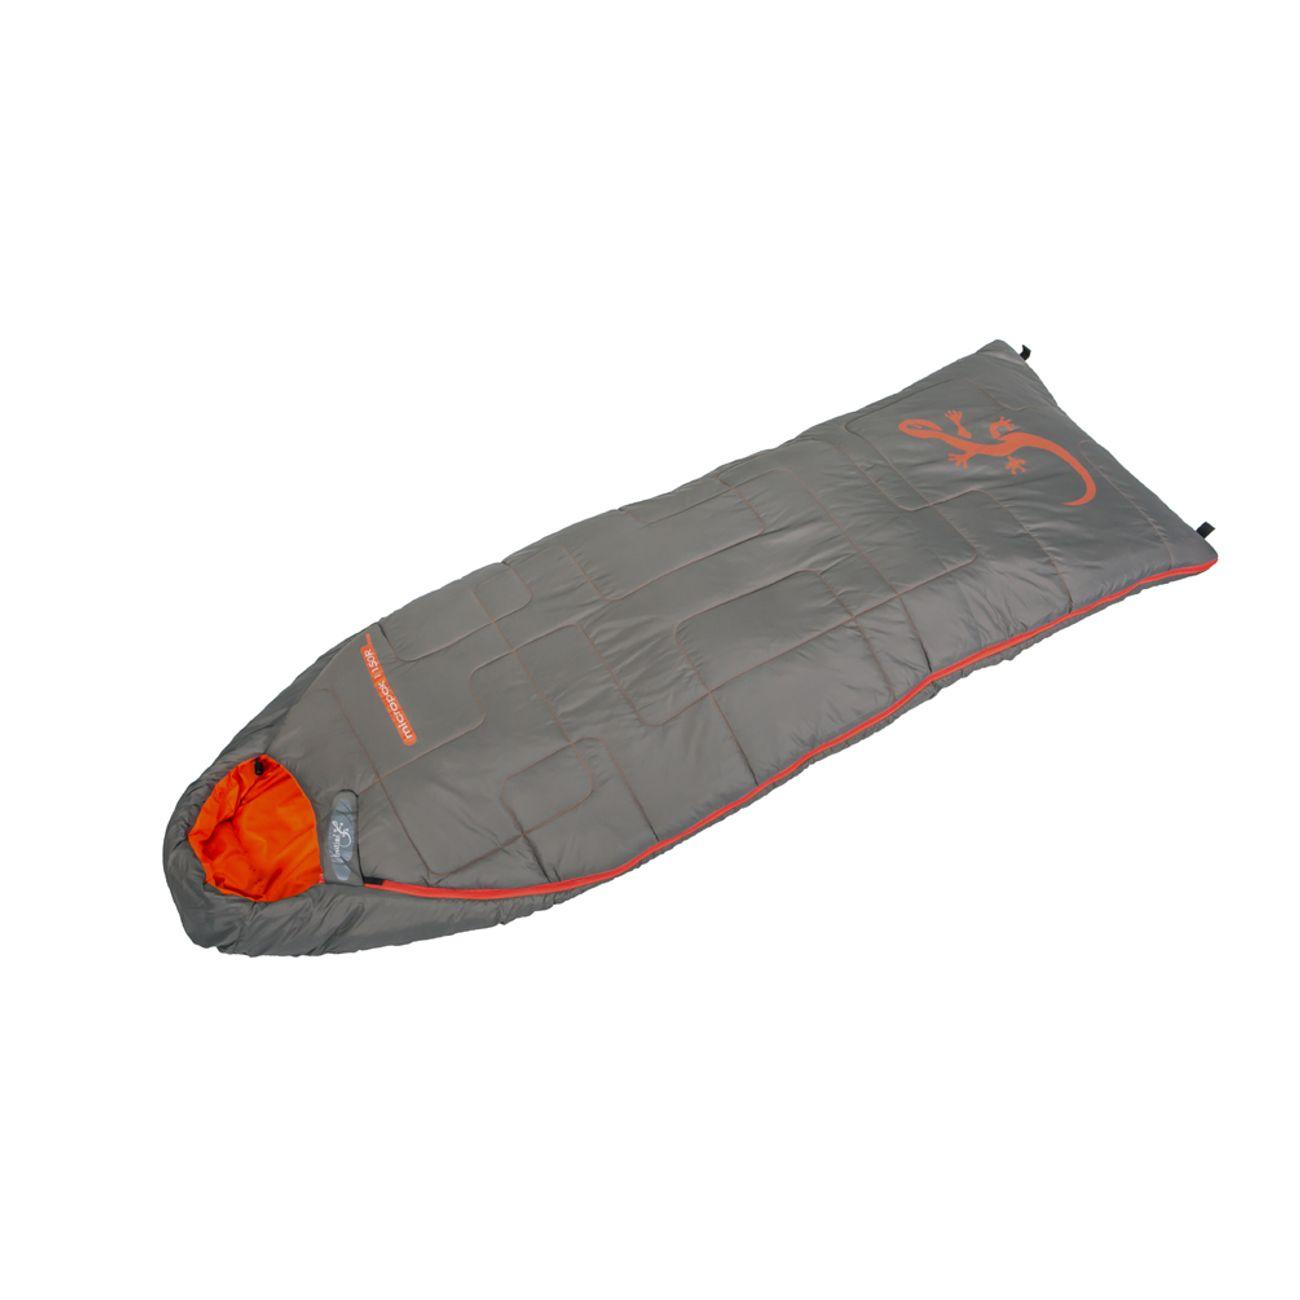 Randonnée  FREETIME MICROPAK 1150R -  Sac de couchage + 8°C à - 4°C - Sac de couchage léger - couverture avec capuche